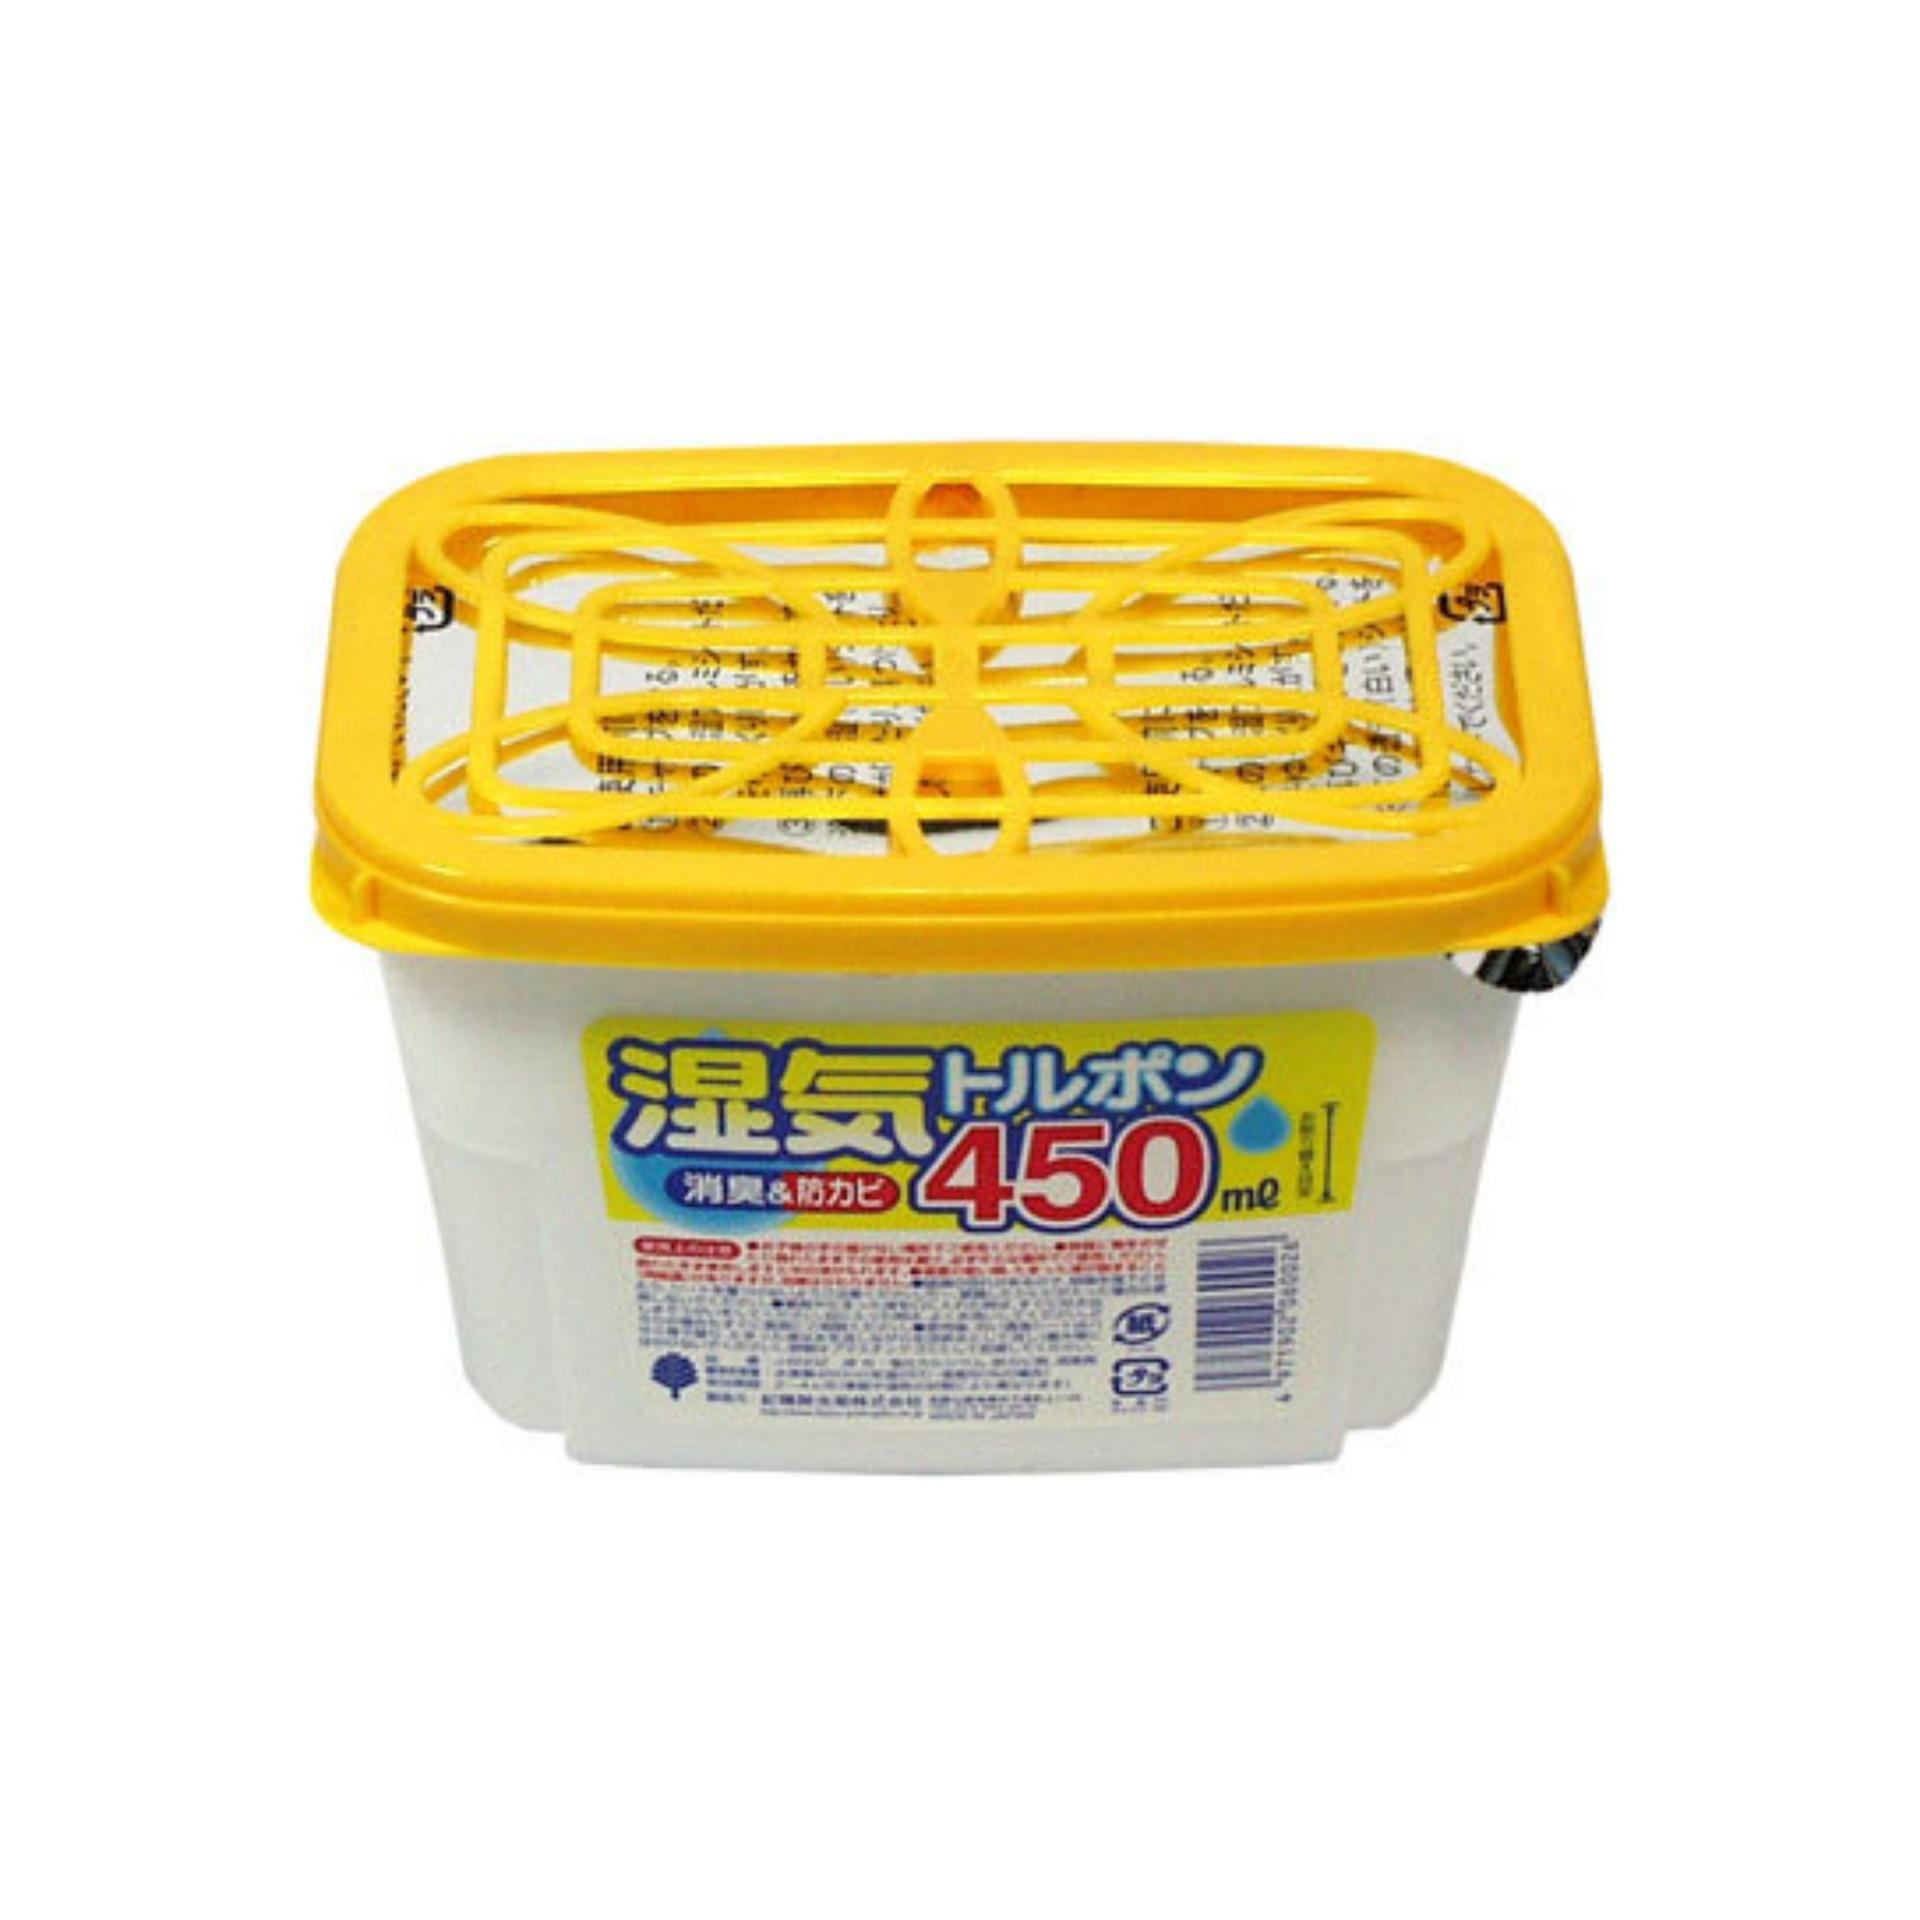 Hộp hút ẩm 450ml hàng Nhật